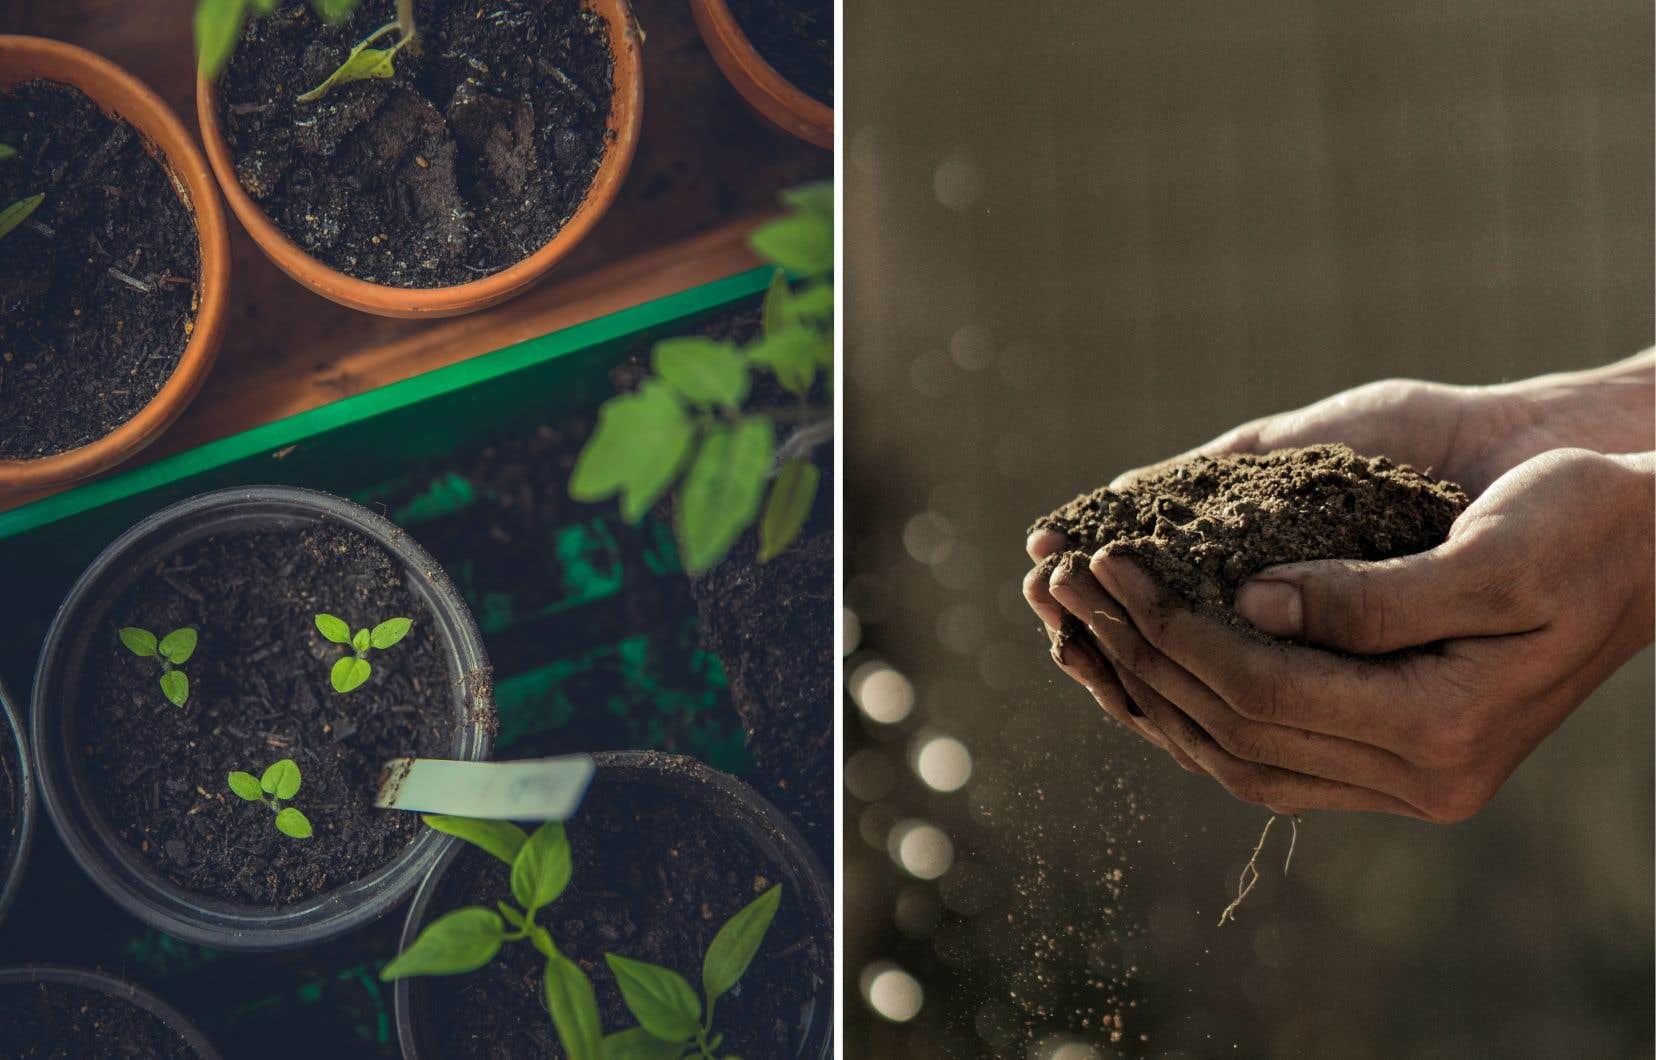 Le meilleur choix — et le seul bon pour les semis — est le terreau à semis ou le terreau à rempotage biologique.